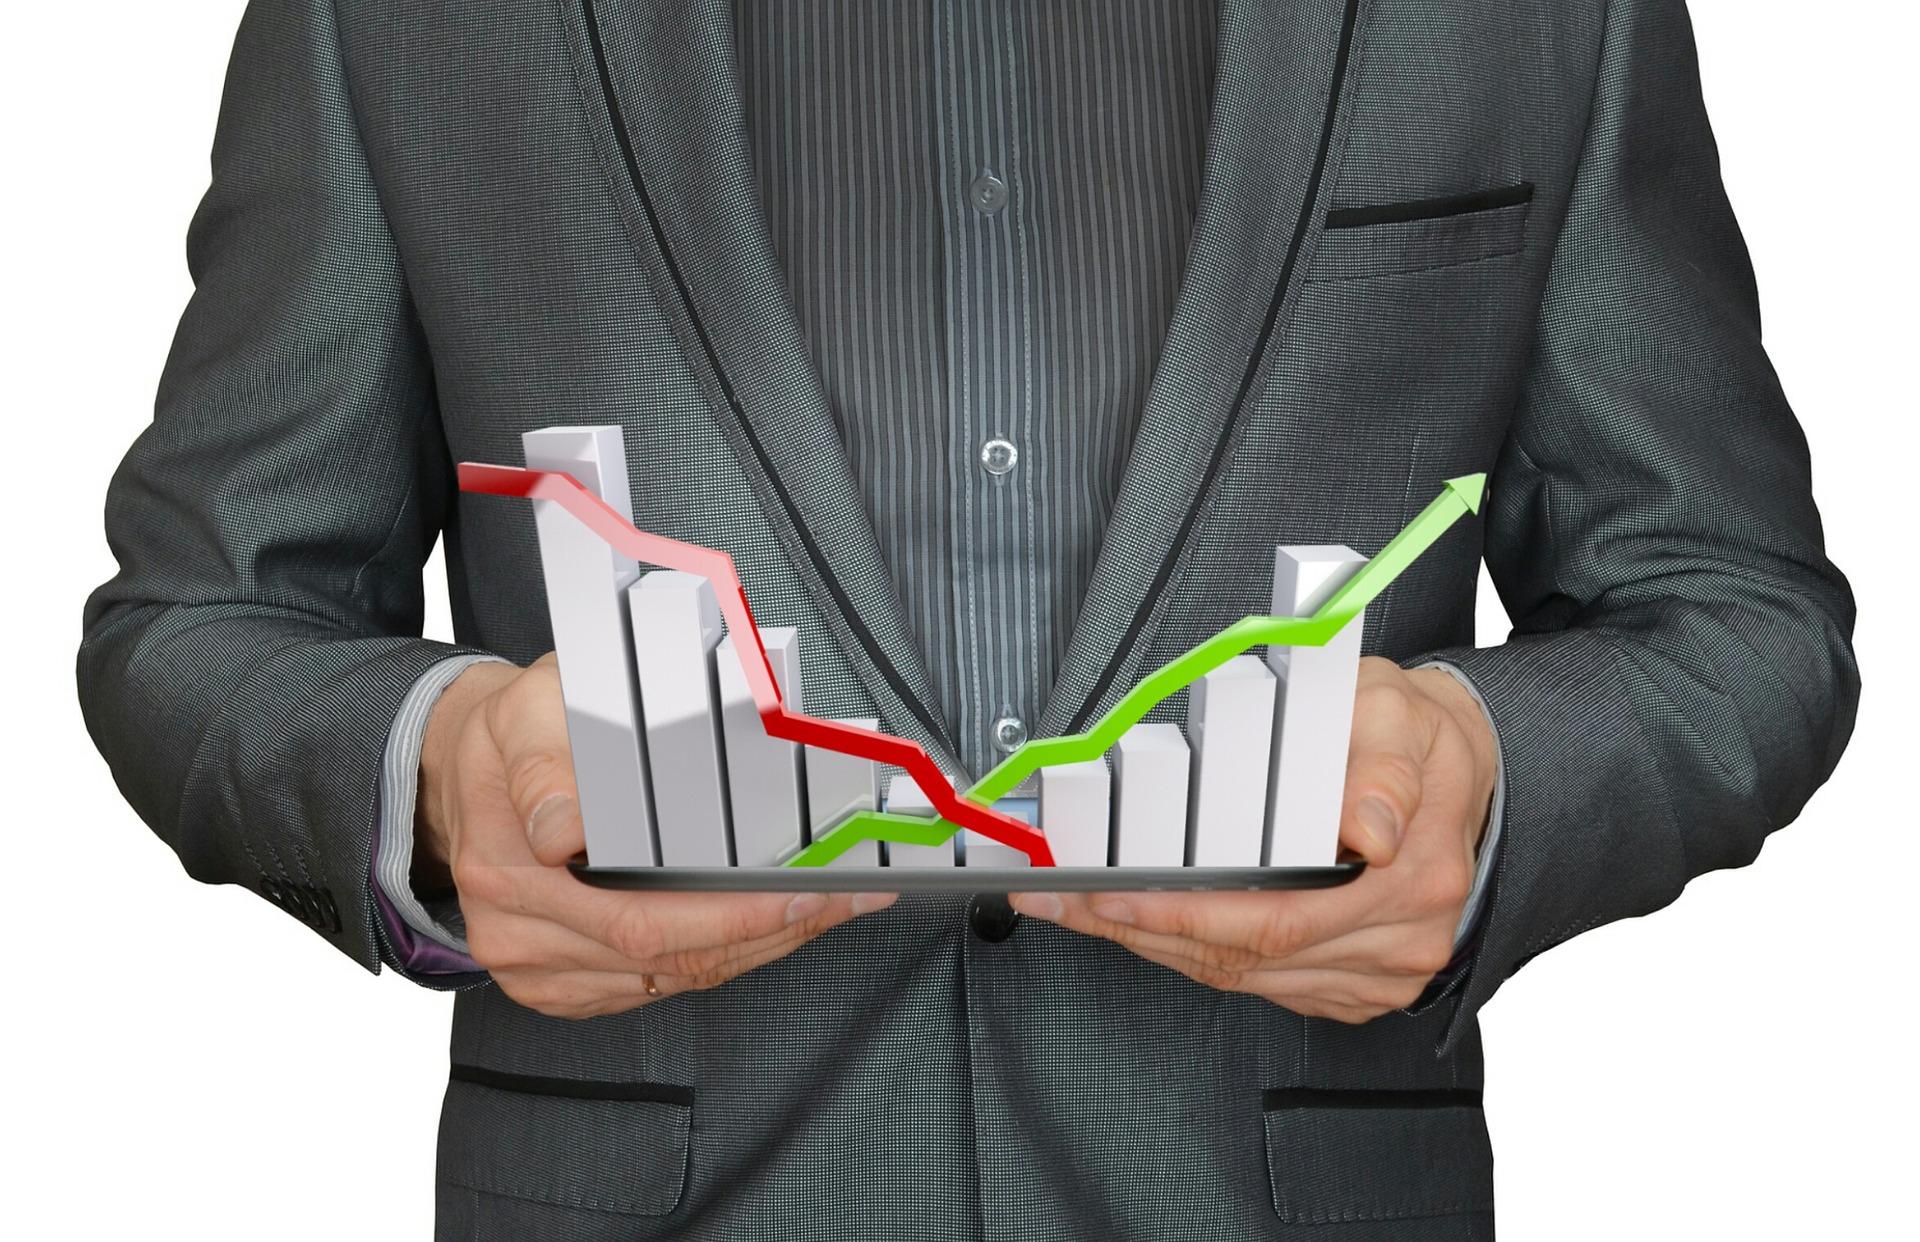 Rechtsbijstand: langzaam afgebouwd, commerciële kantoren gaan betalen - Mr. online